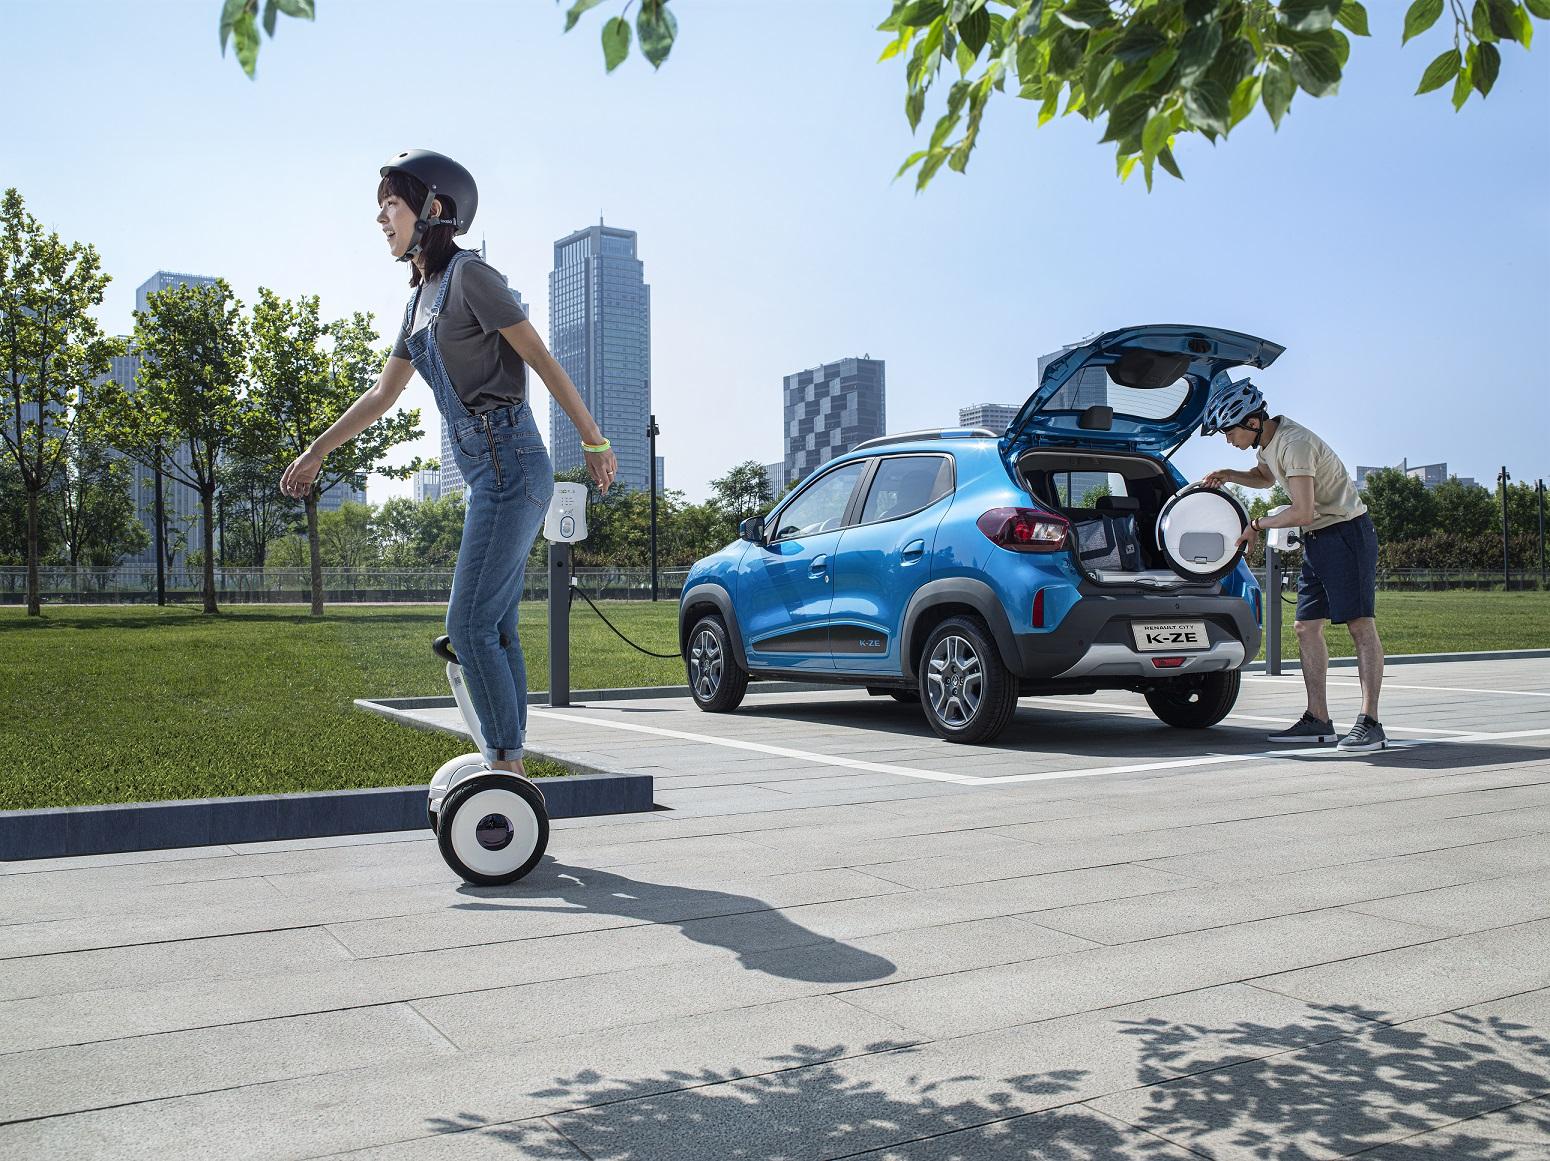 命名e诺 雷诺发布首款电动车K-ZE中文名